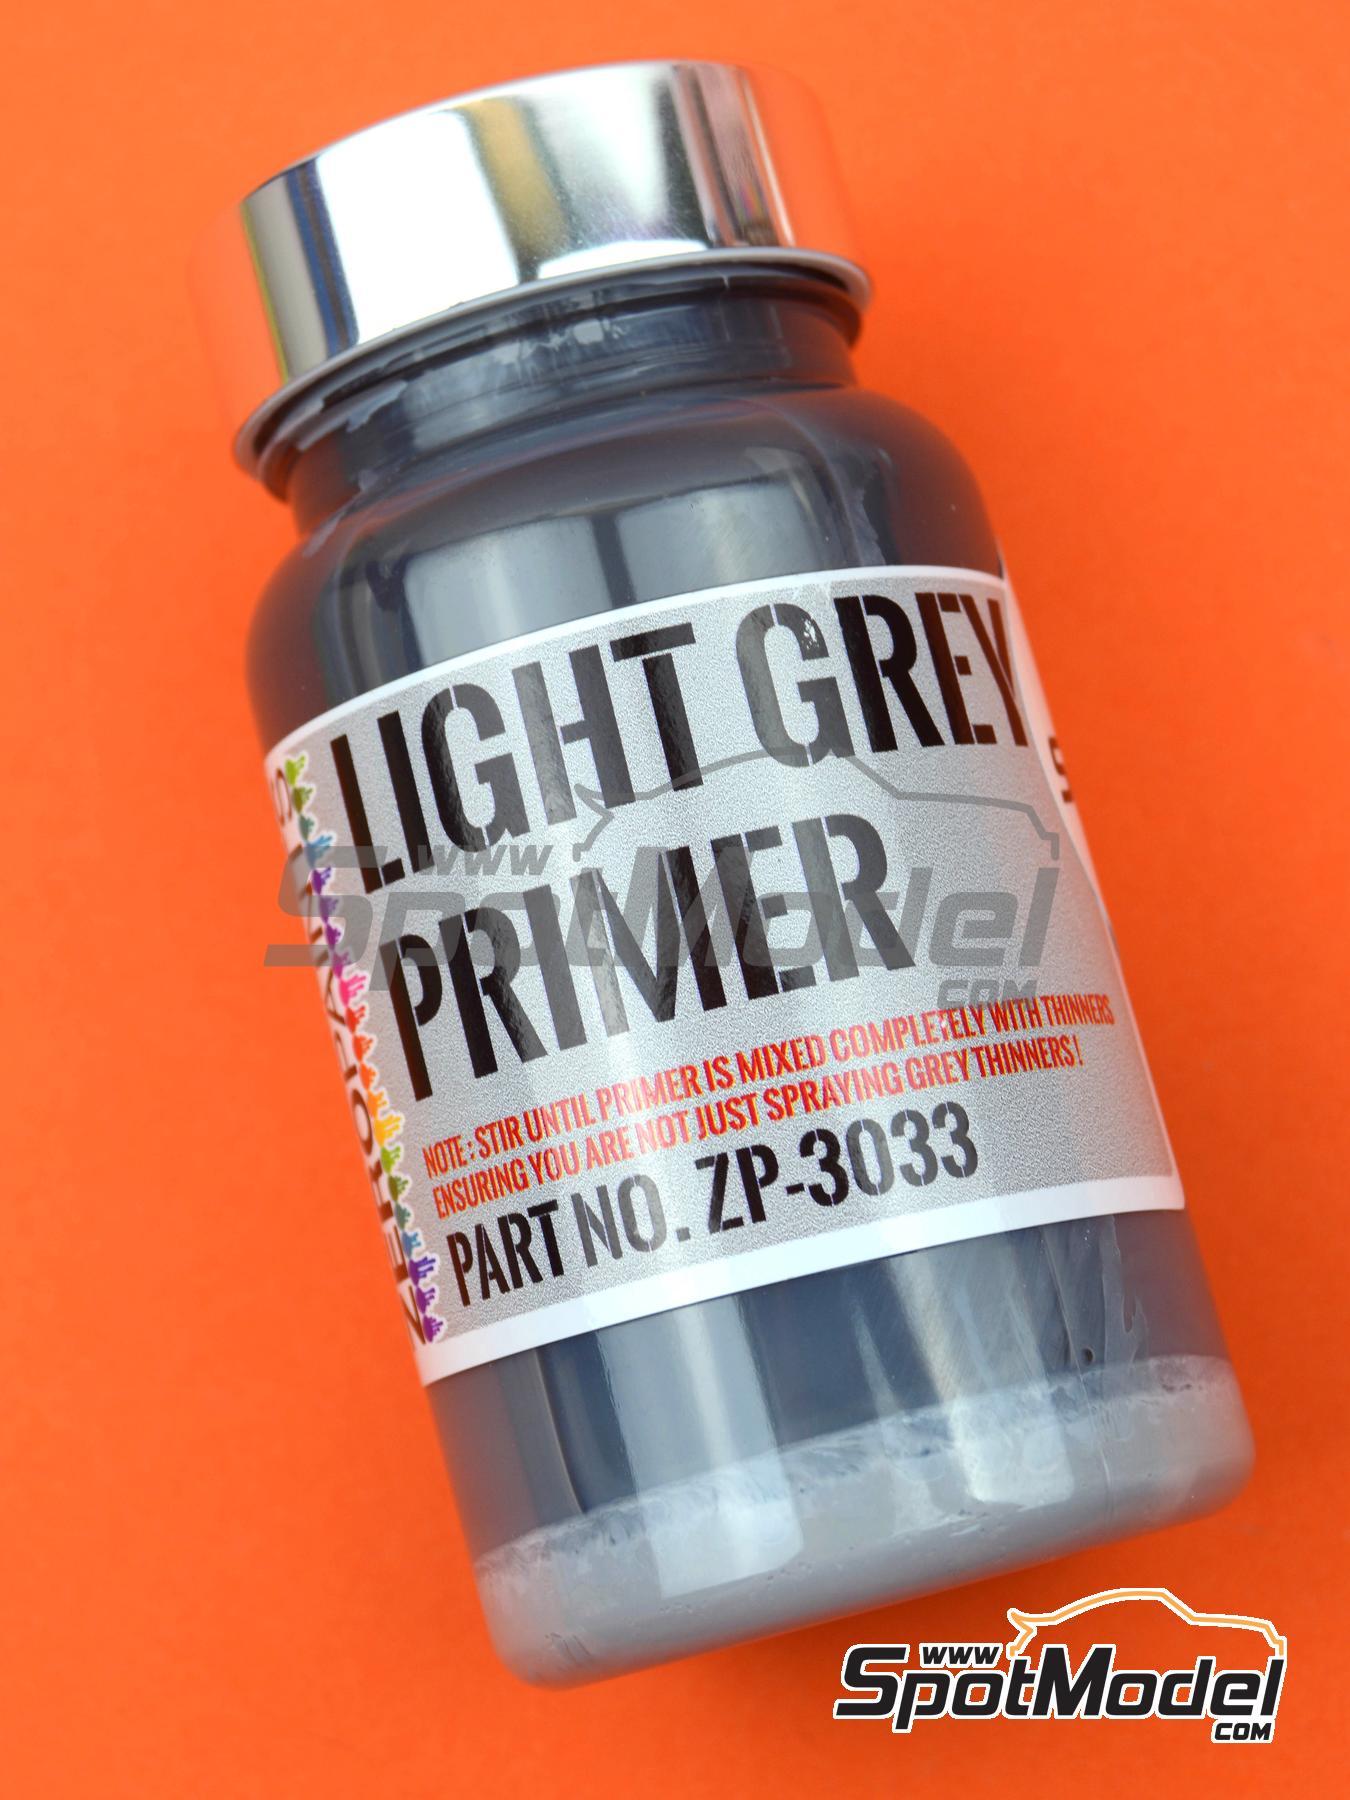 Imprimación gris clara - Light Grey Primer - 120ml | Imprimación fabricado por Zero Paints (ref.ZP-3033) image